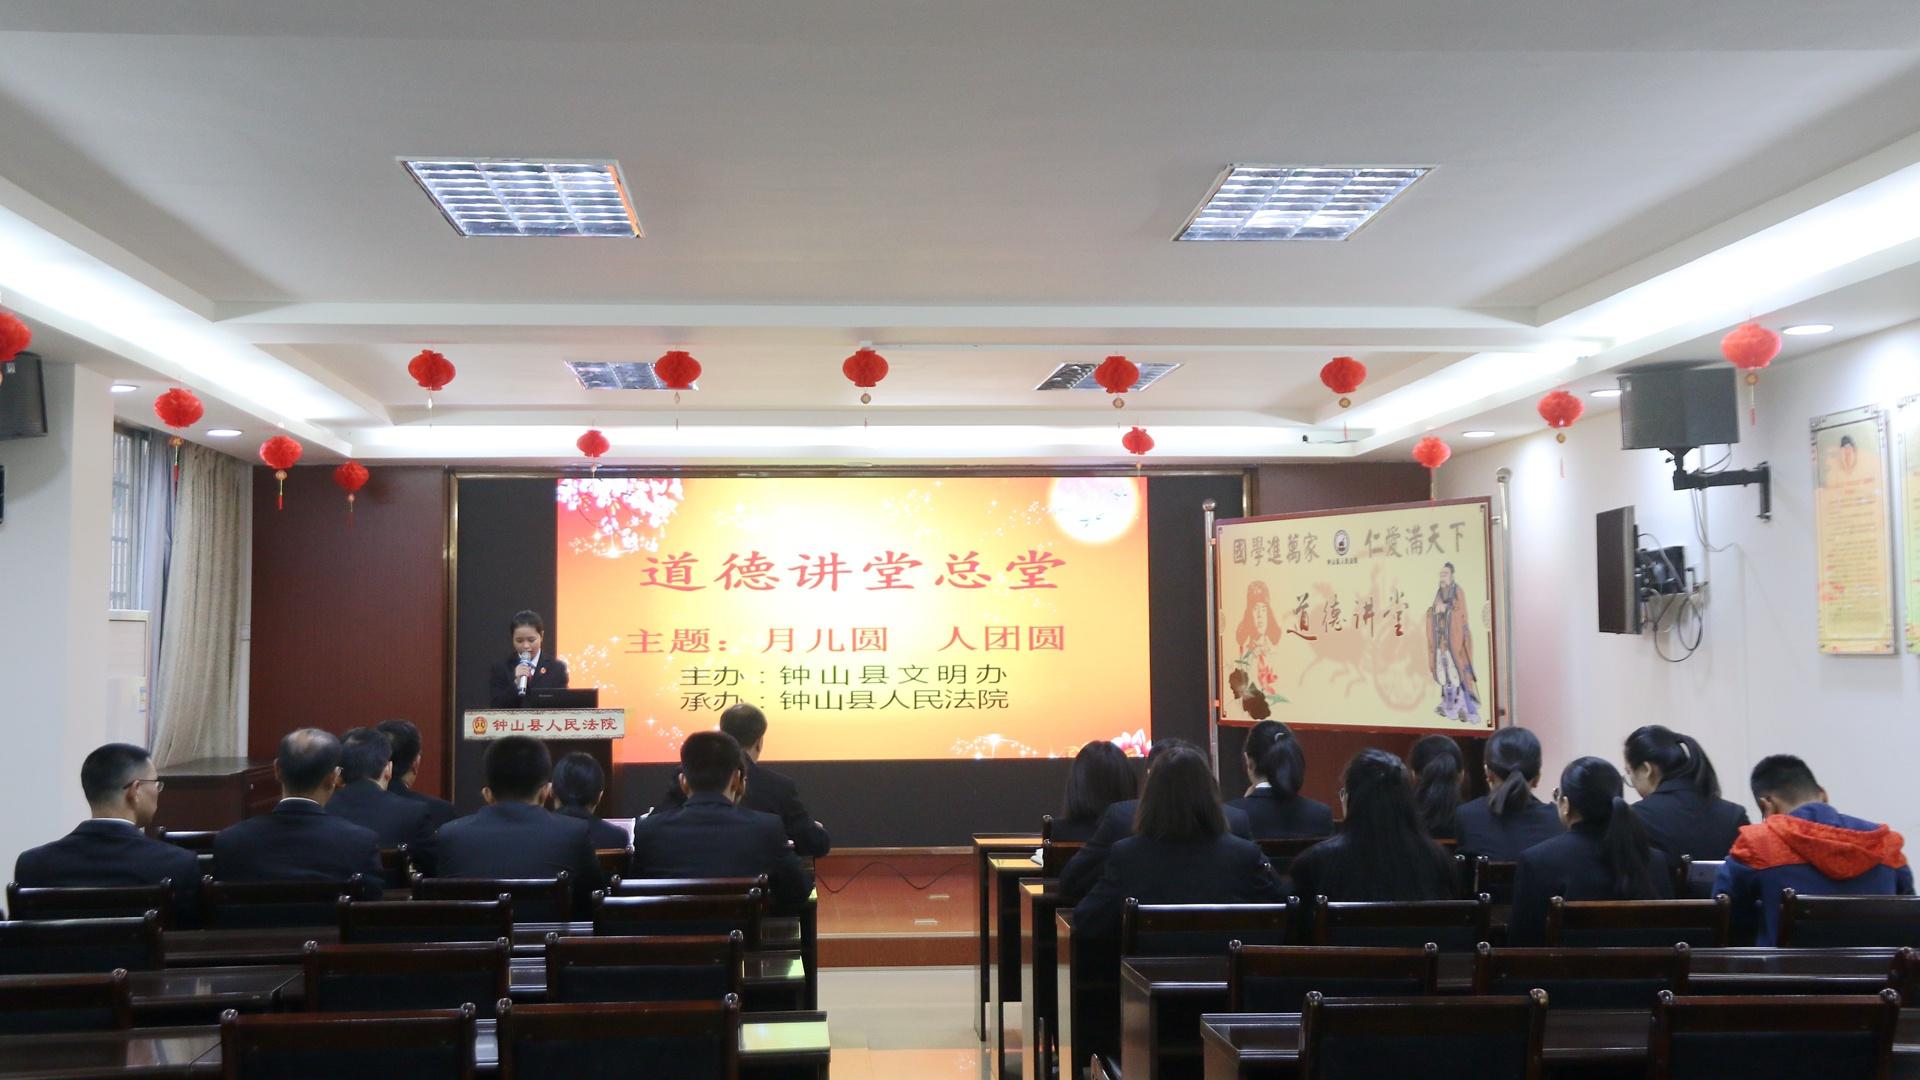 钟山法院:开展道德讲堂活动